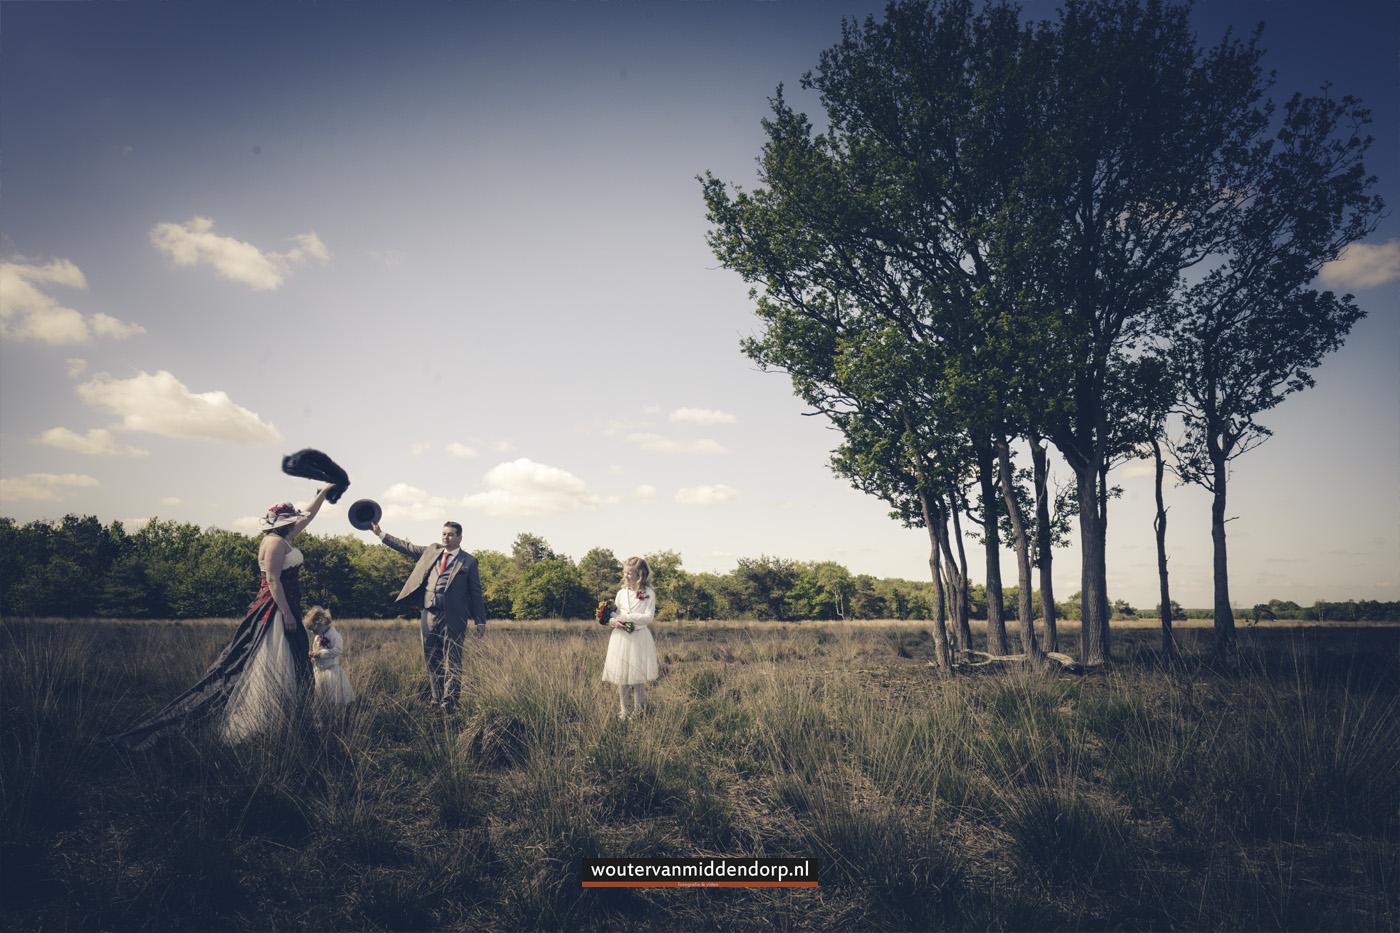 fotografie Wouter van Middendorp 03